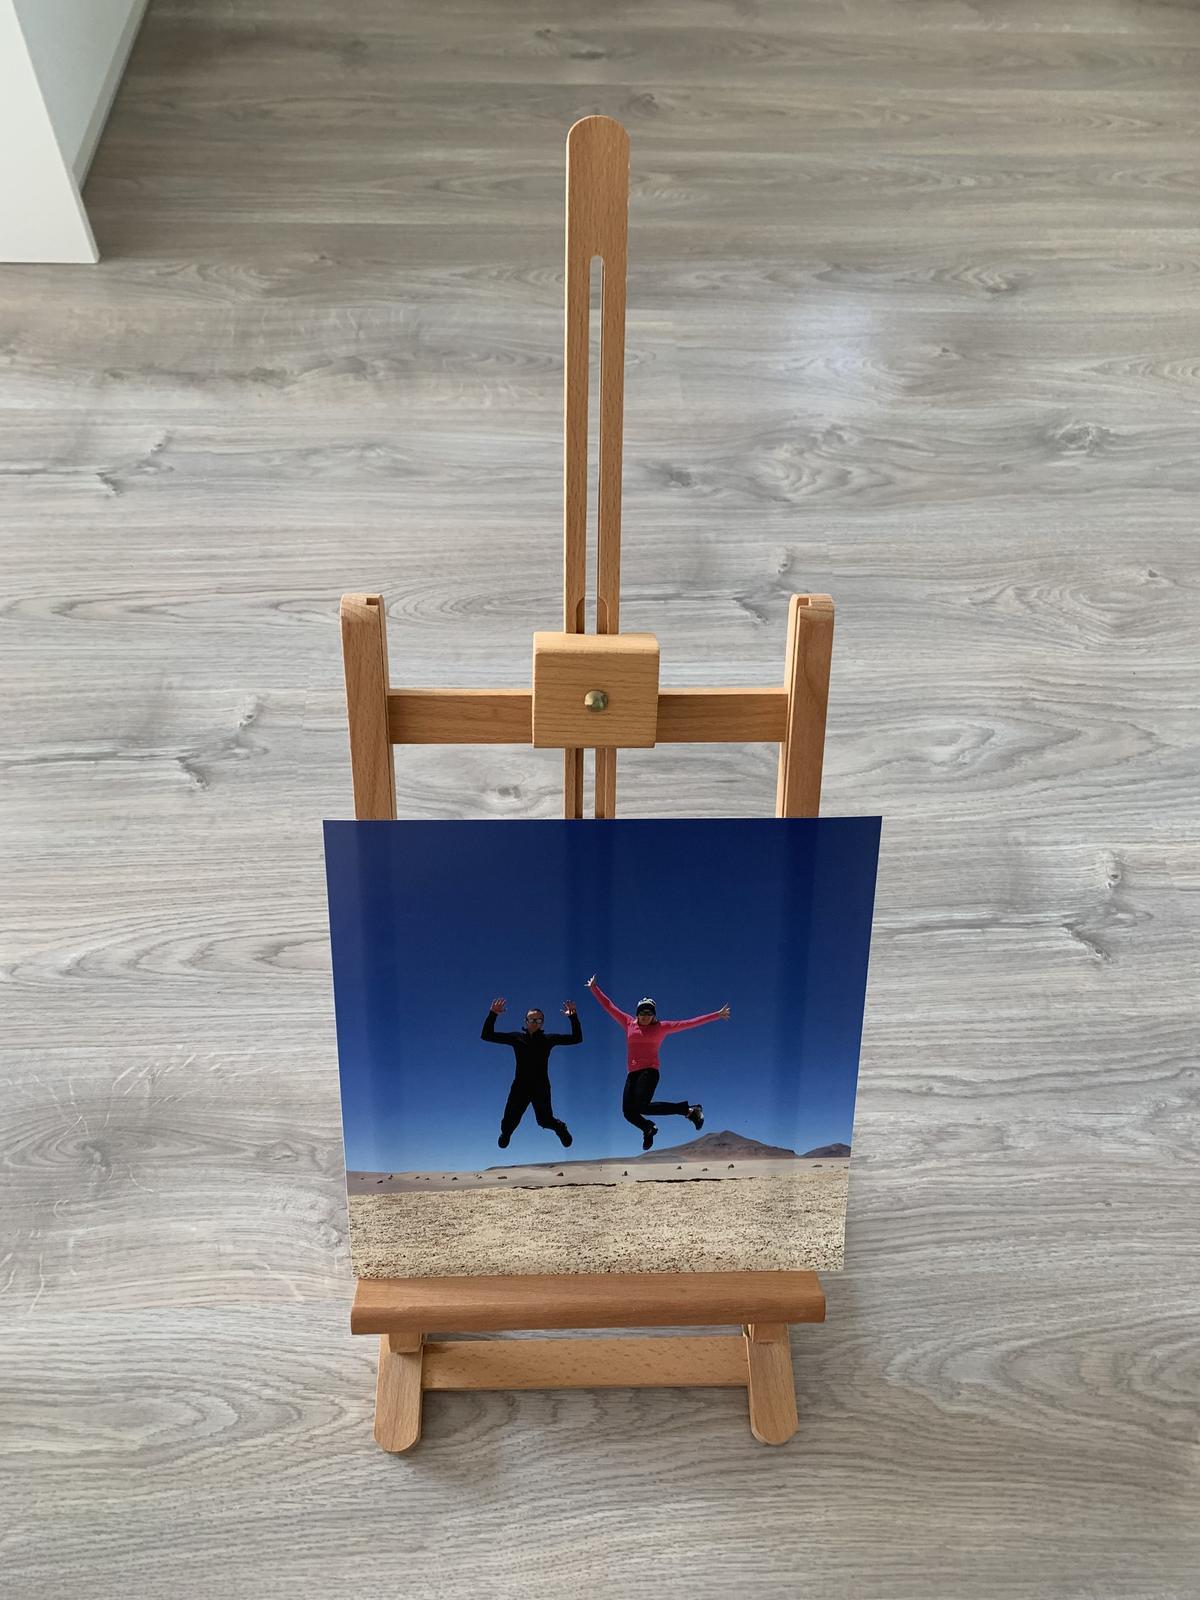 Dreveny malirsky stojan - Obrázek č. 2